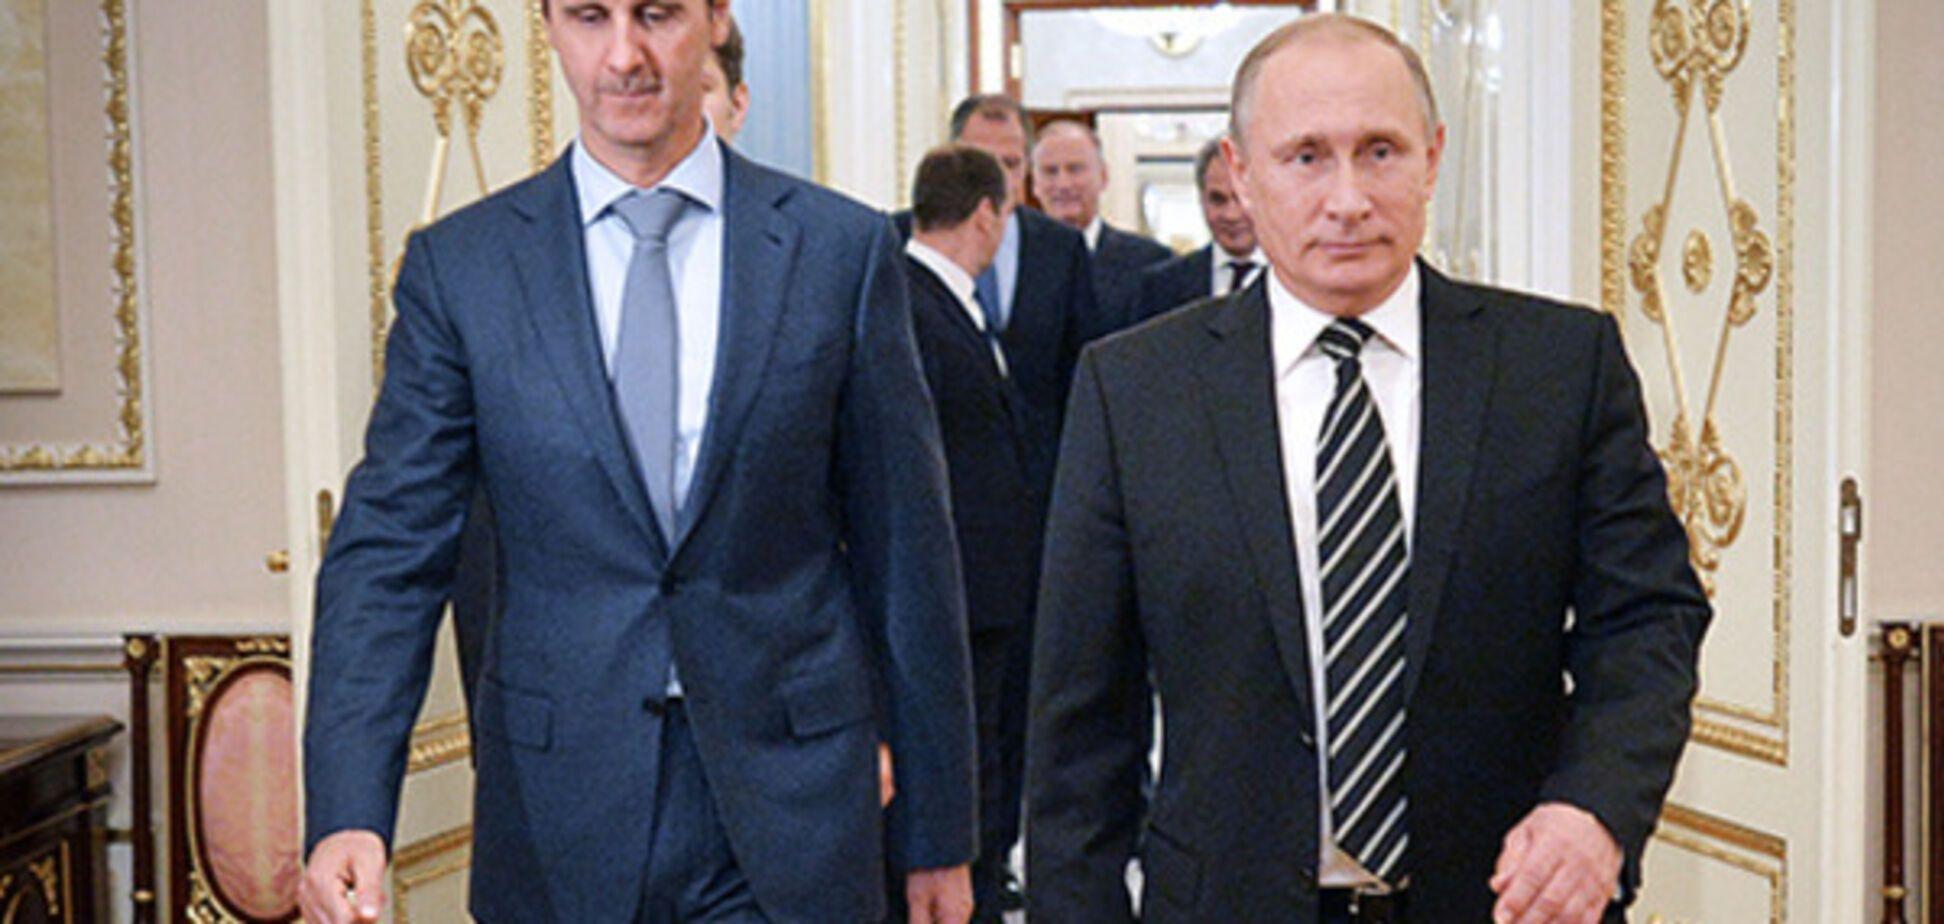 Лицензия на ликвидацию Асада и Путина